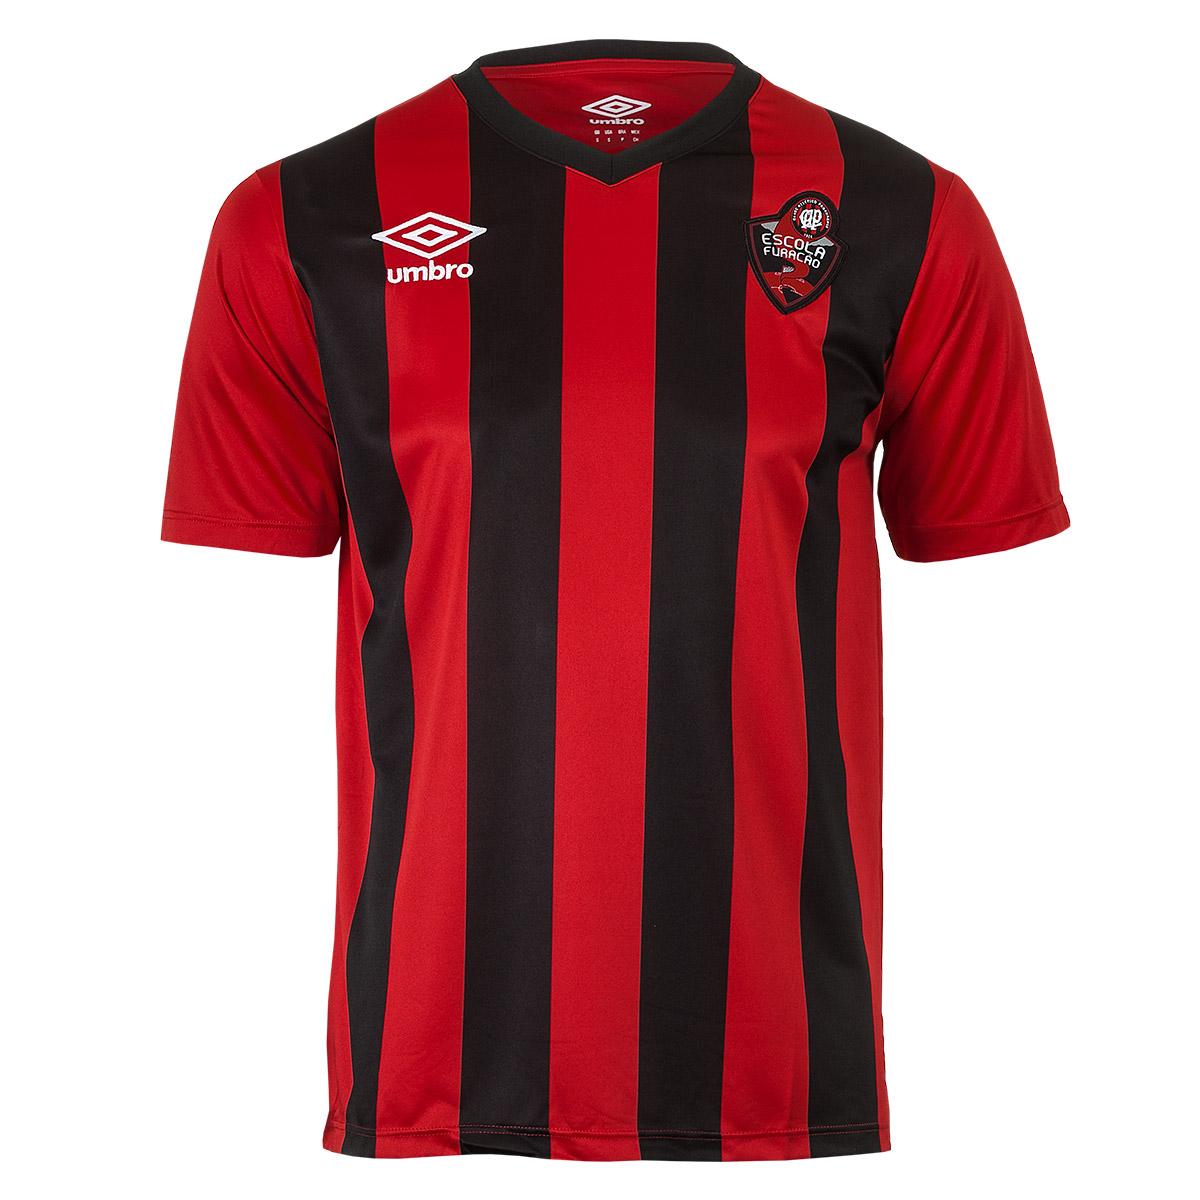 Camisa Juvenil Umbro Escolinha Furacao 2 Futebol - Vermelho